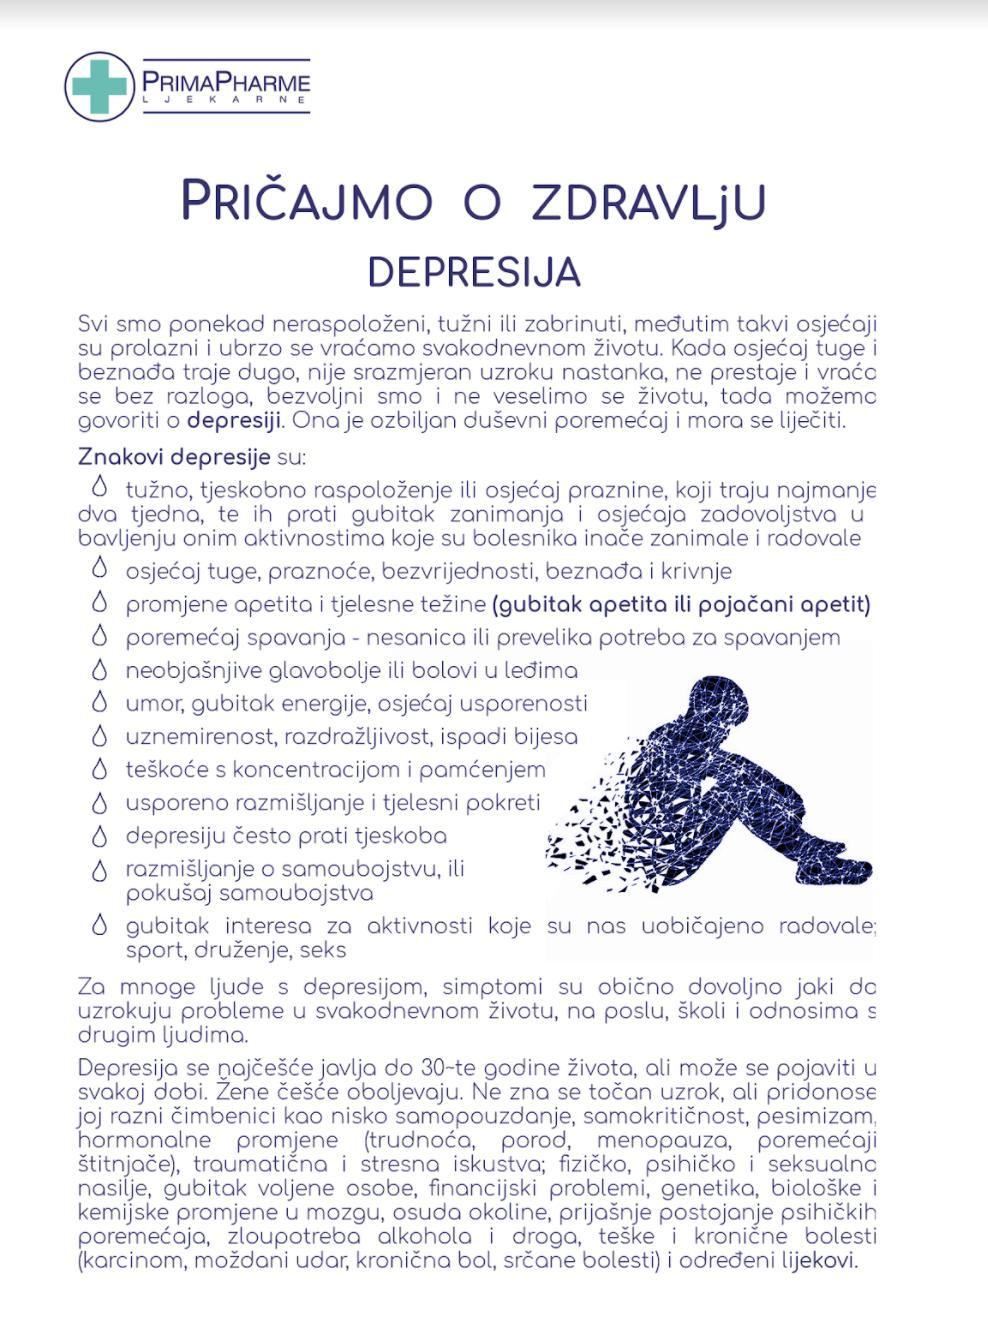 primapharme-depresija-1